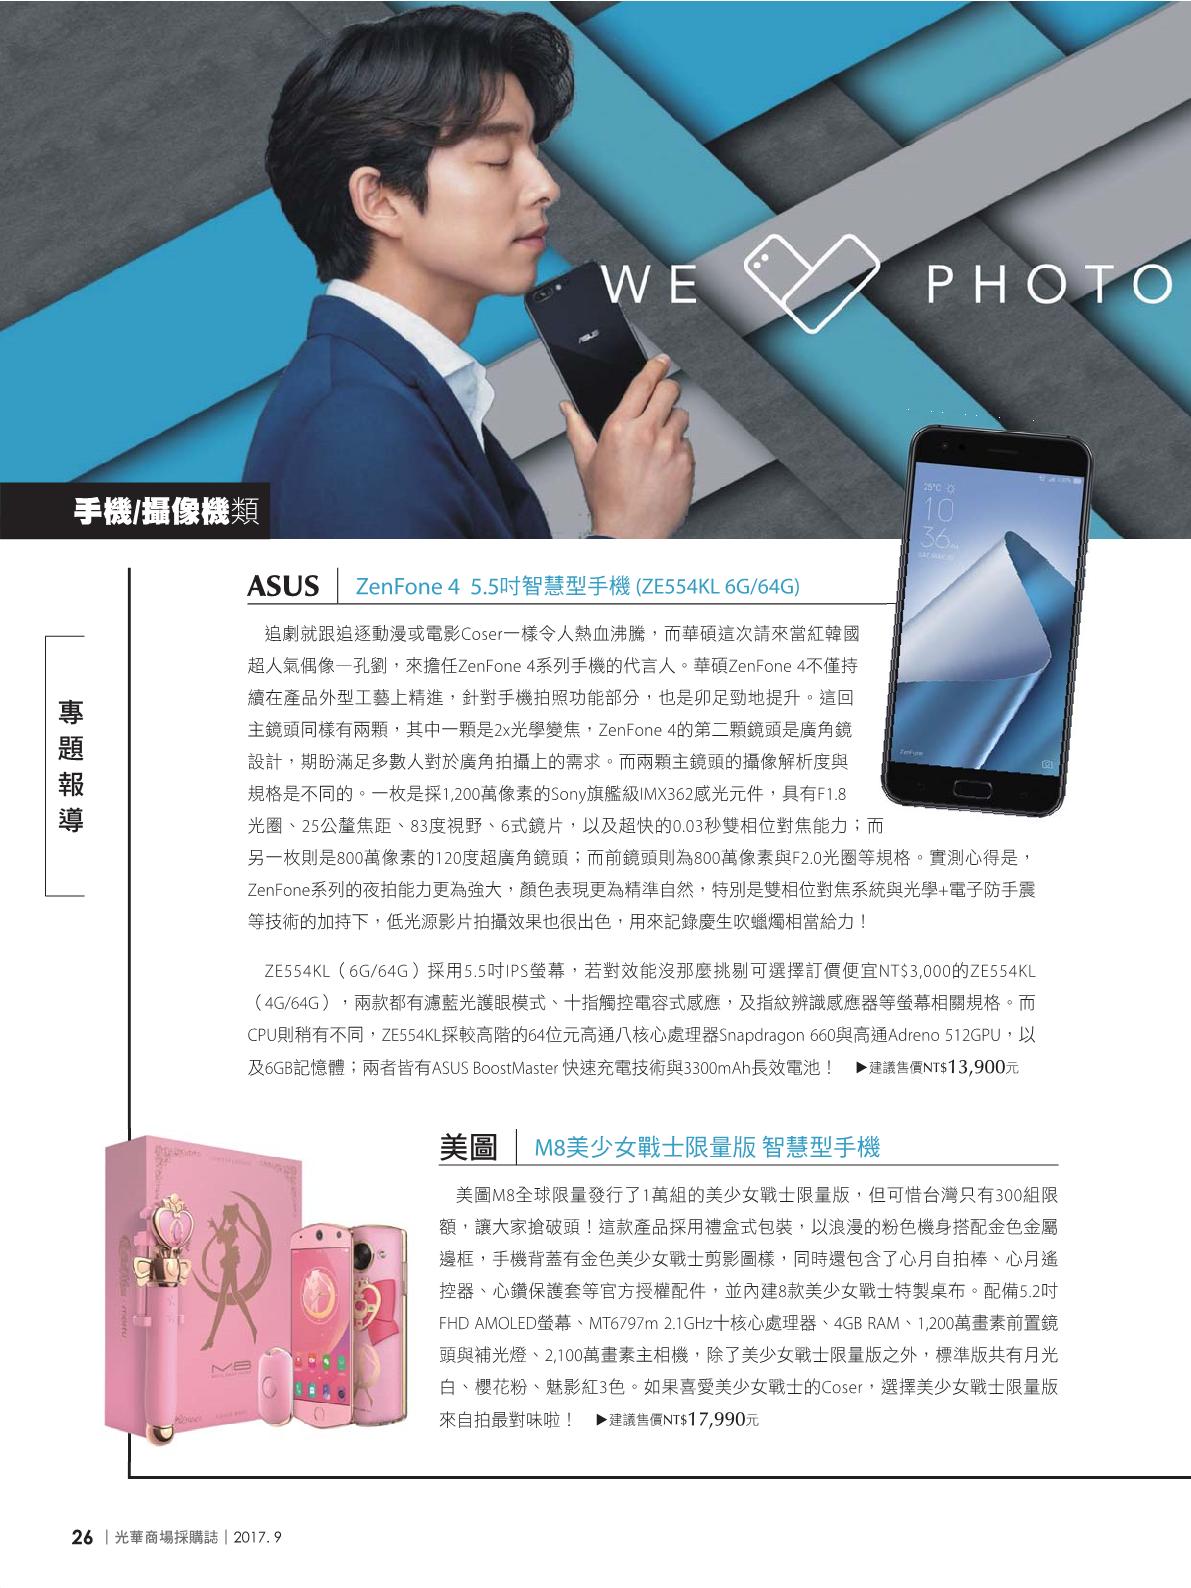 光華商場採購誌2017年9月號28.png